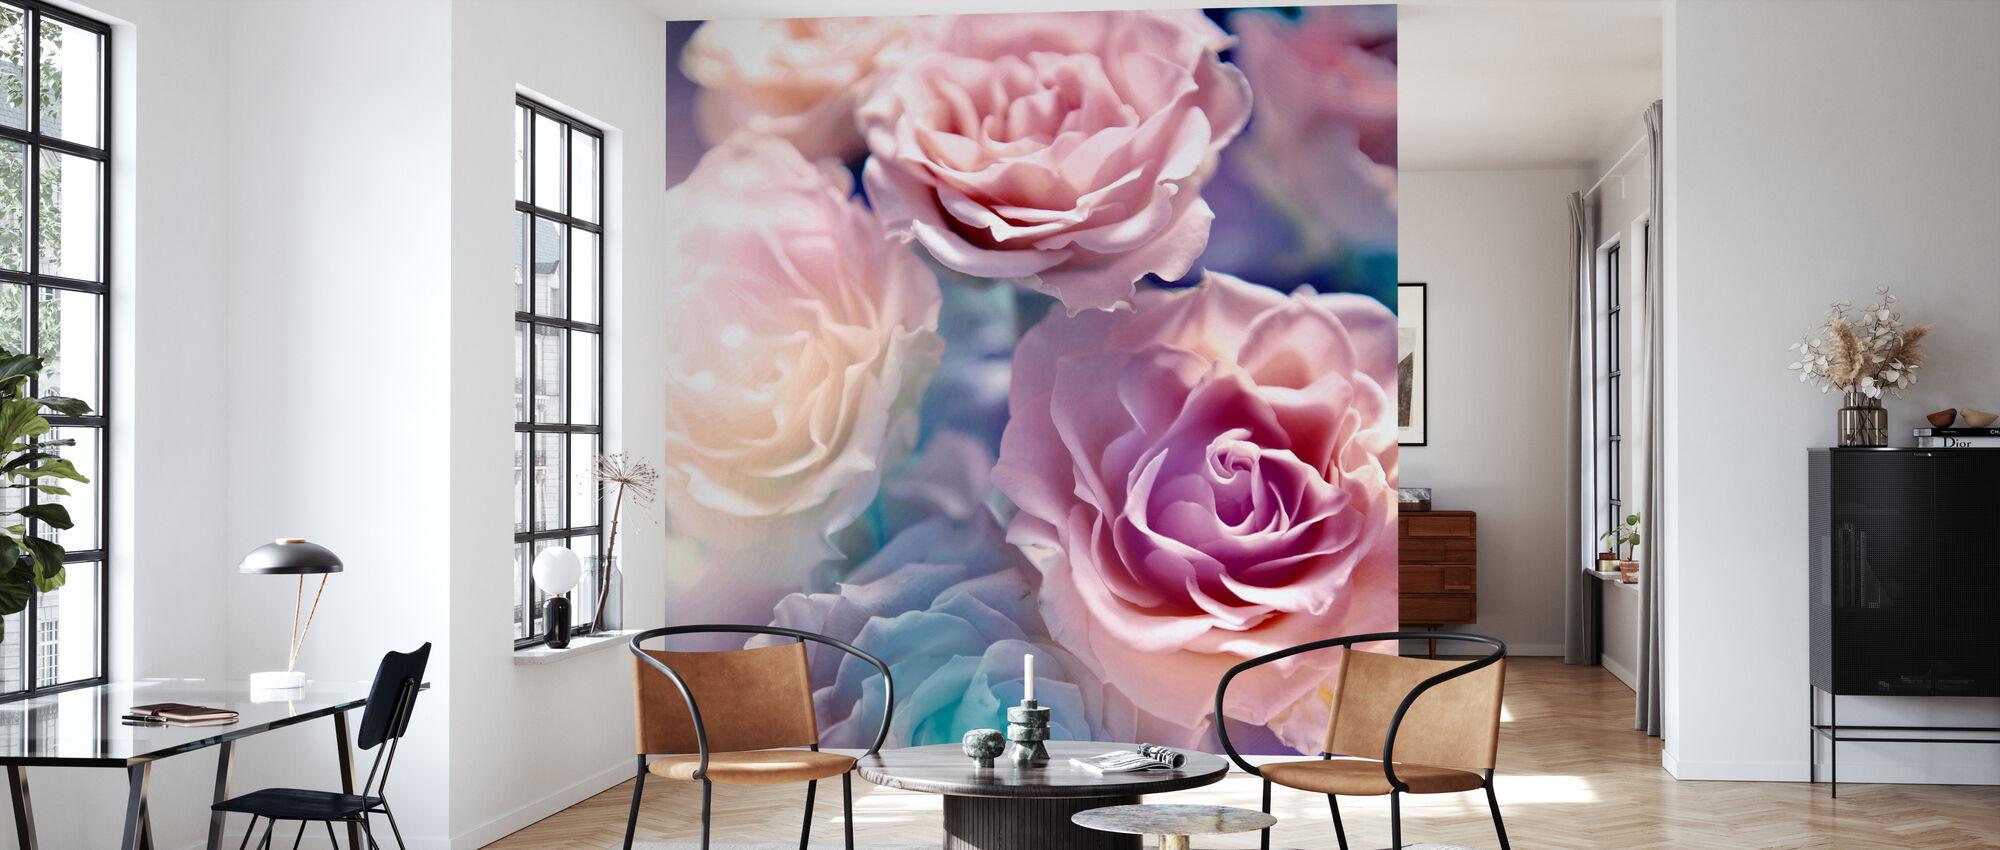 Soft Botanic - Wallpaper - Living Room